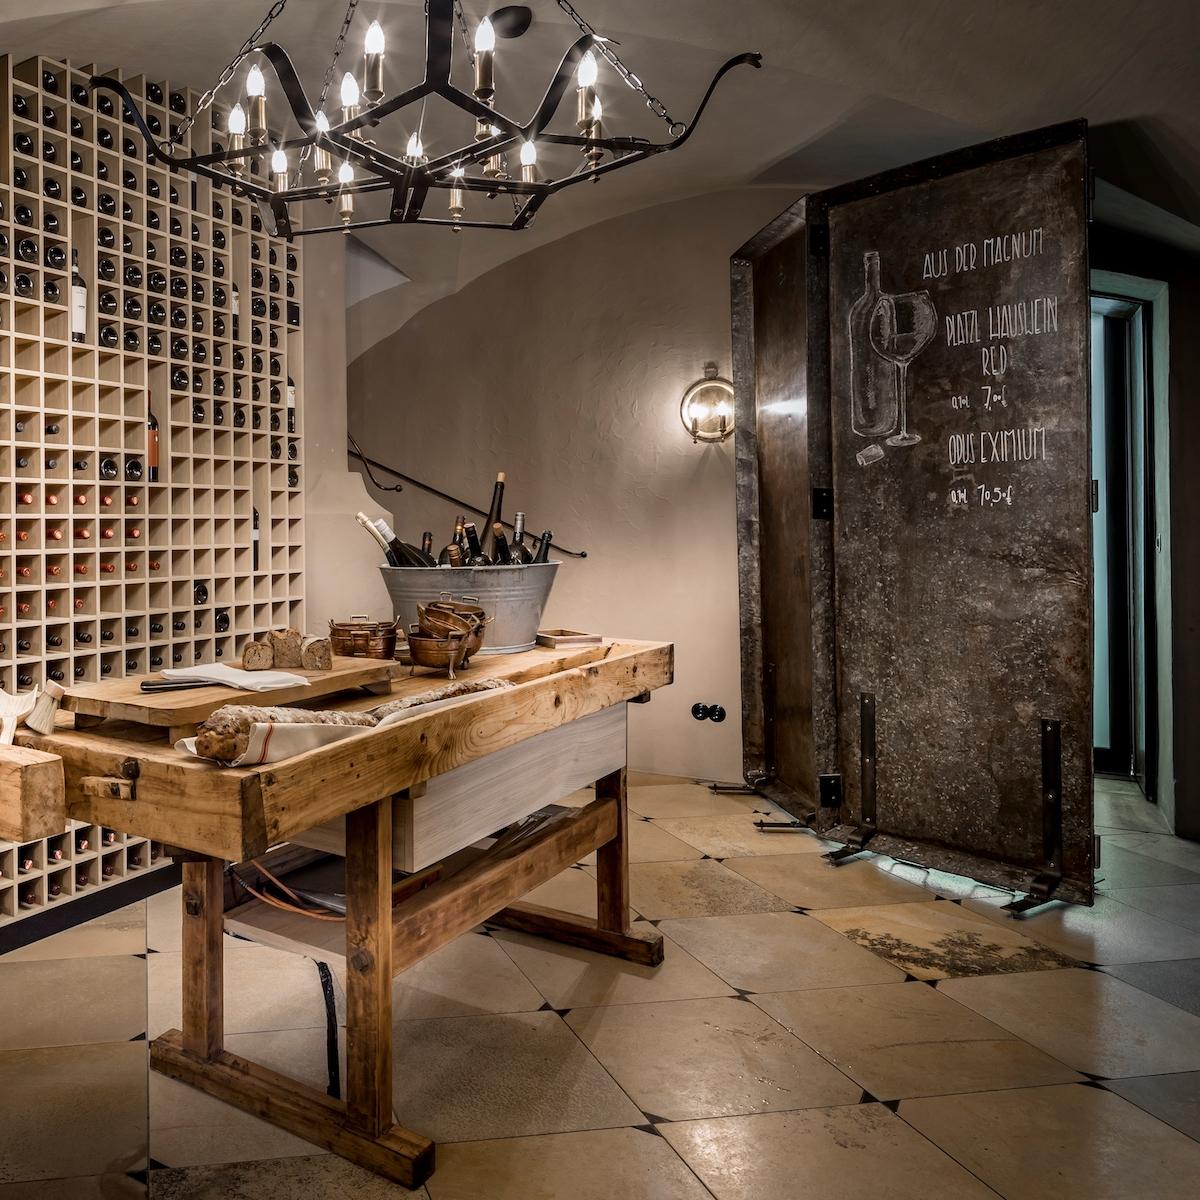 Restaurant Pfistermühle München Altstadt Interieur nach Renovierung